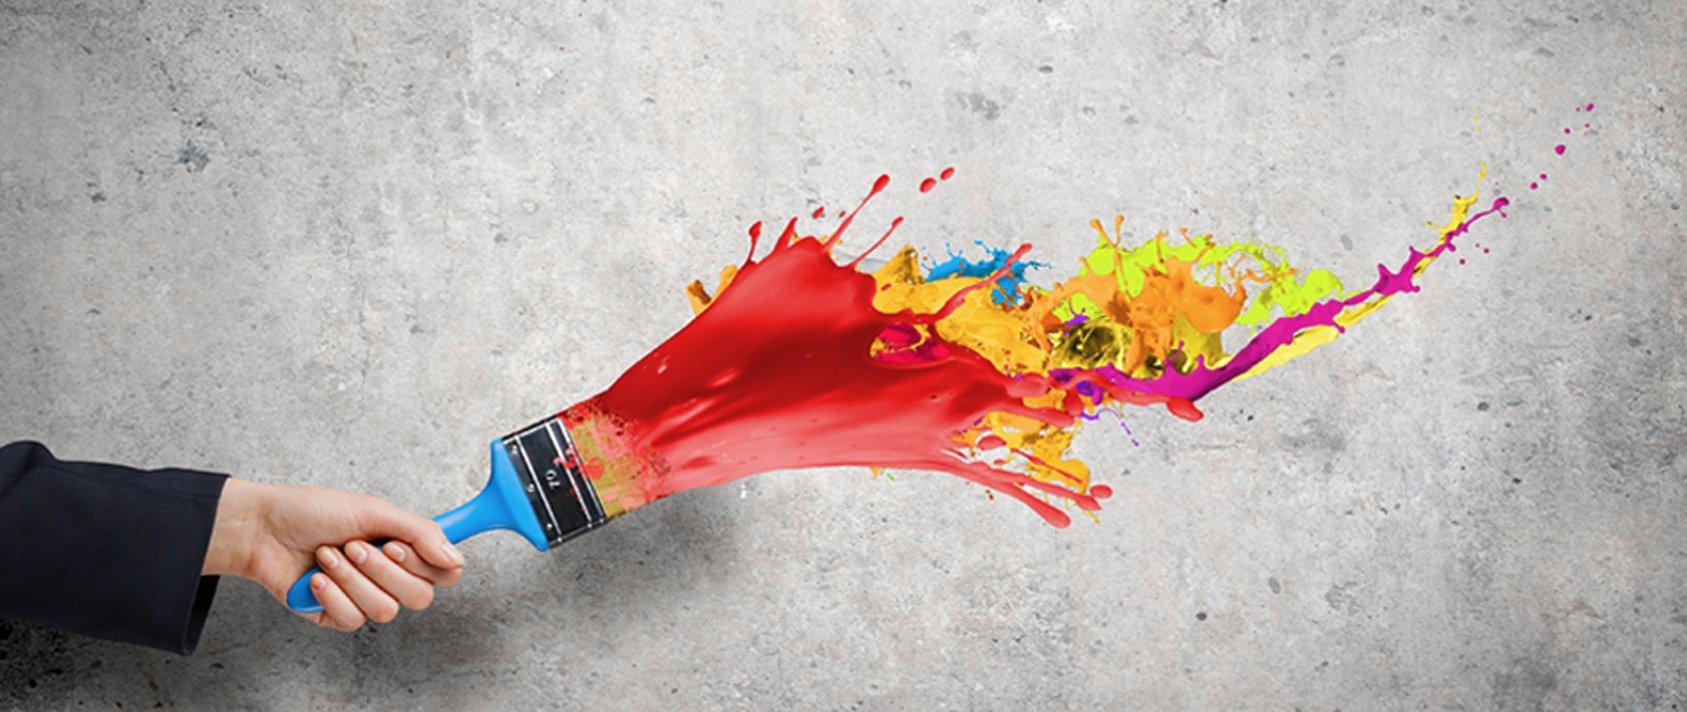 удовольствие будут яркие необычные картинки о рекламе скидок него невозможно оторвать